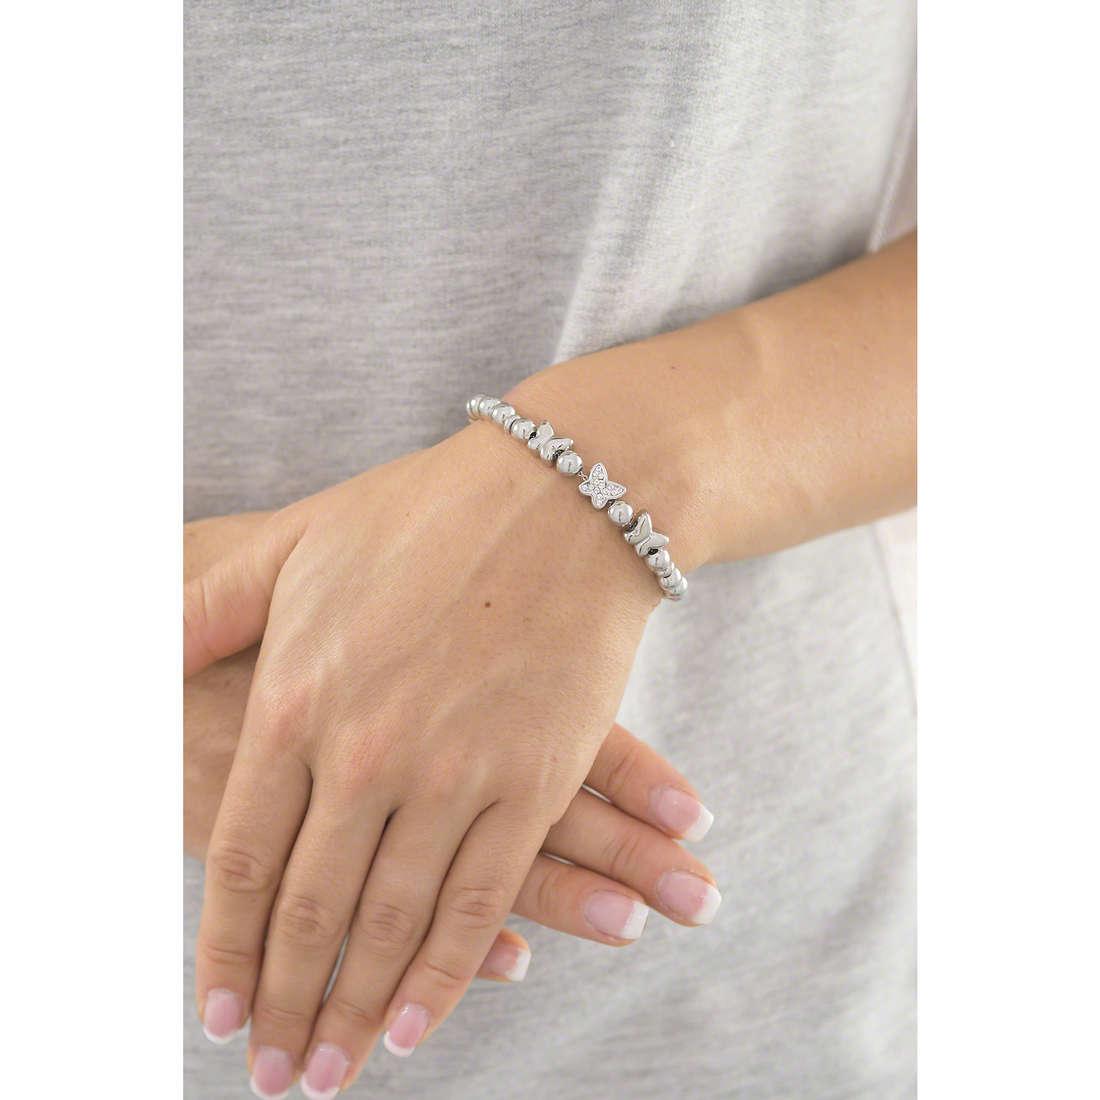 Sagapò bracelets Bonjour femme SAGAPOSBJ14 indosso